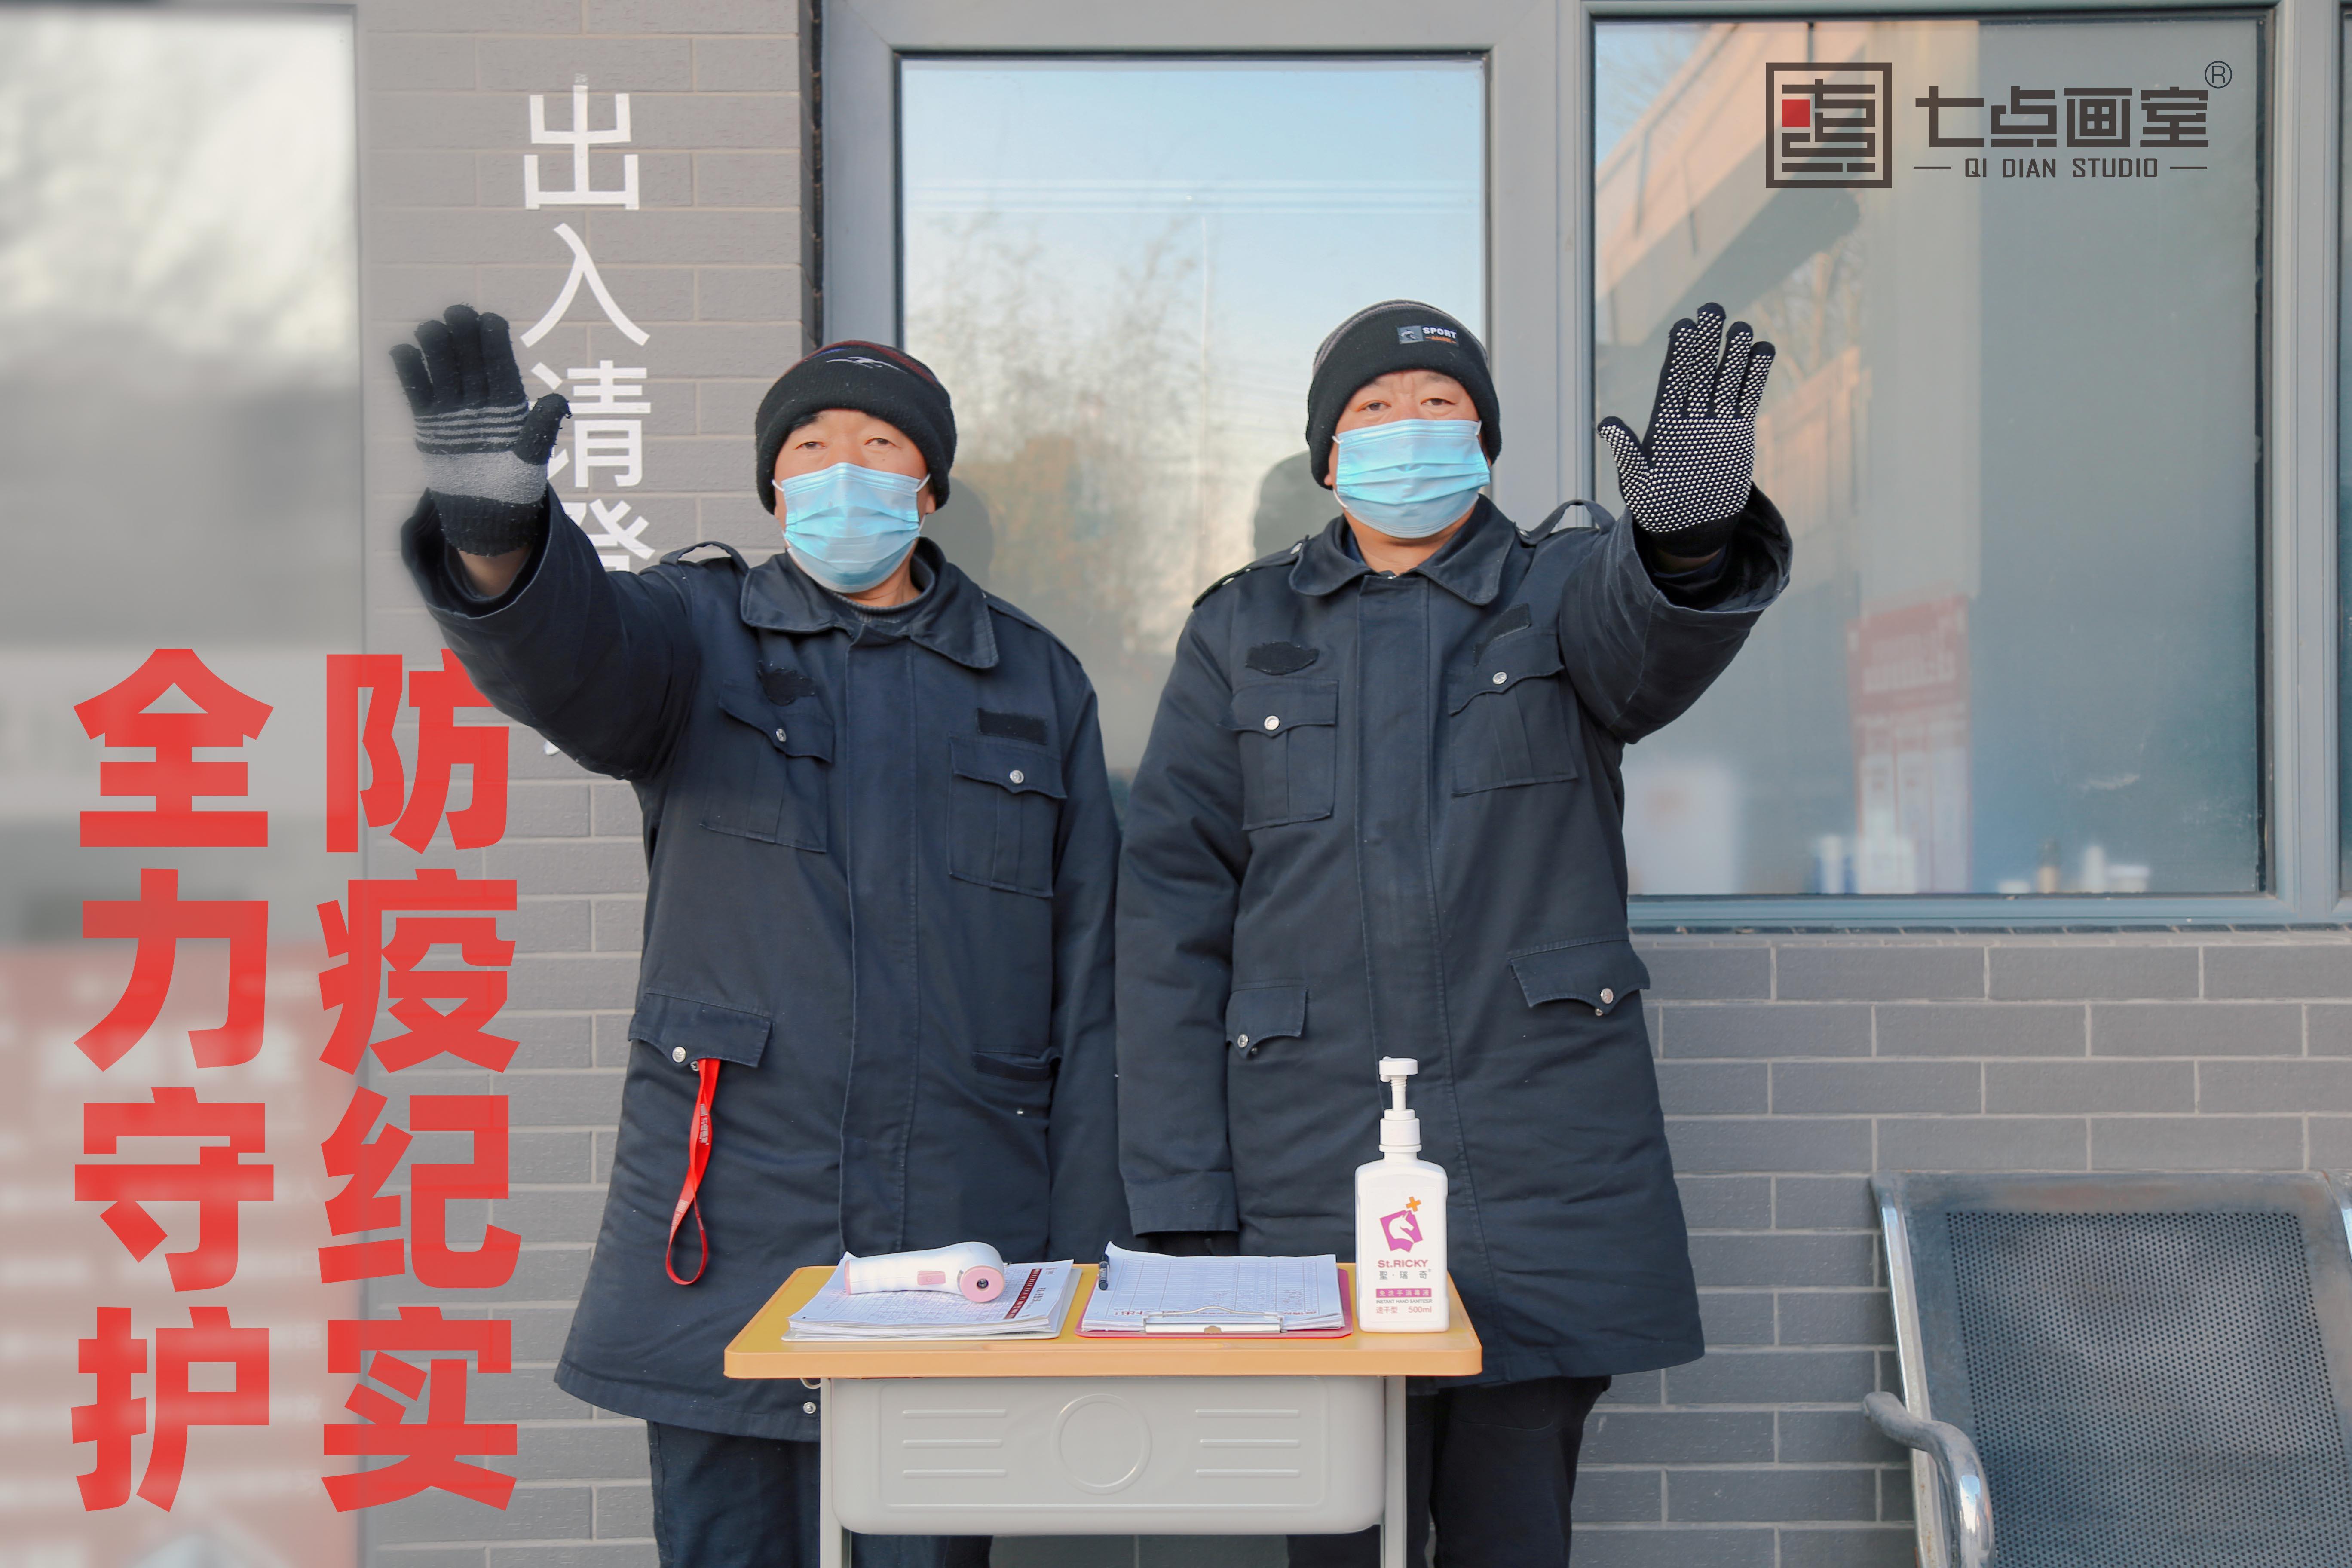 精准精细防疫,北京七点画室已做好万全准备